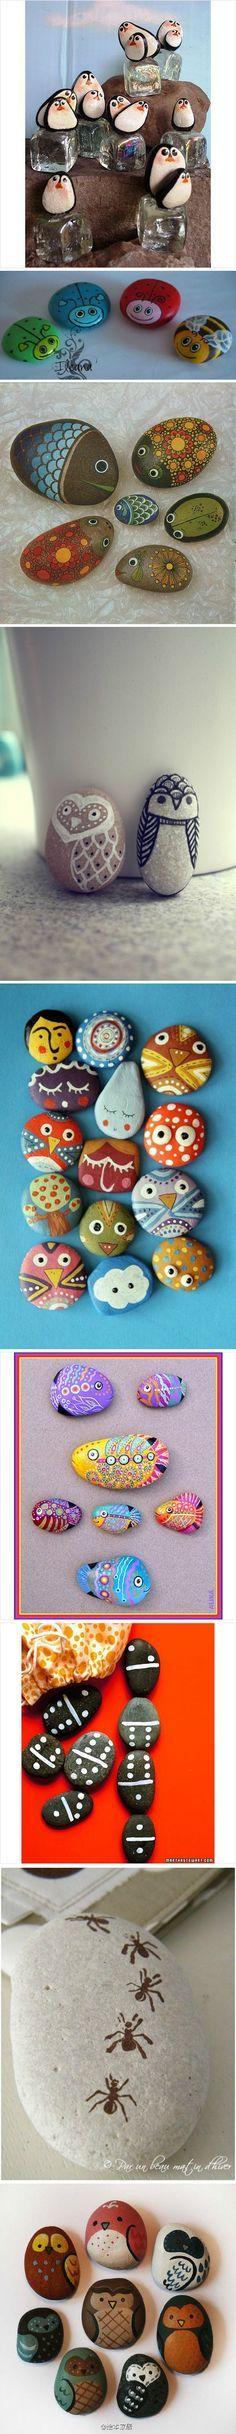 Coisas fofas essas pedras pintadas...